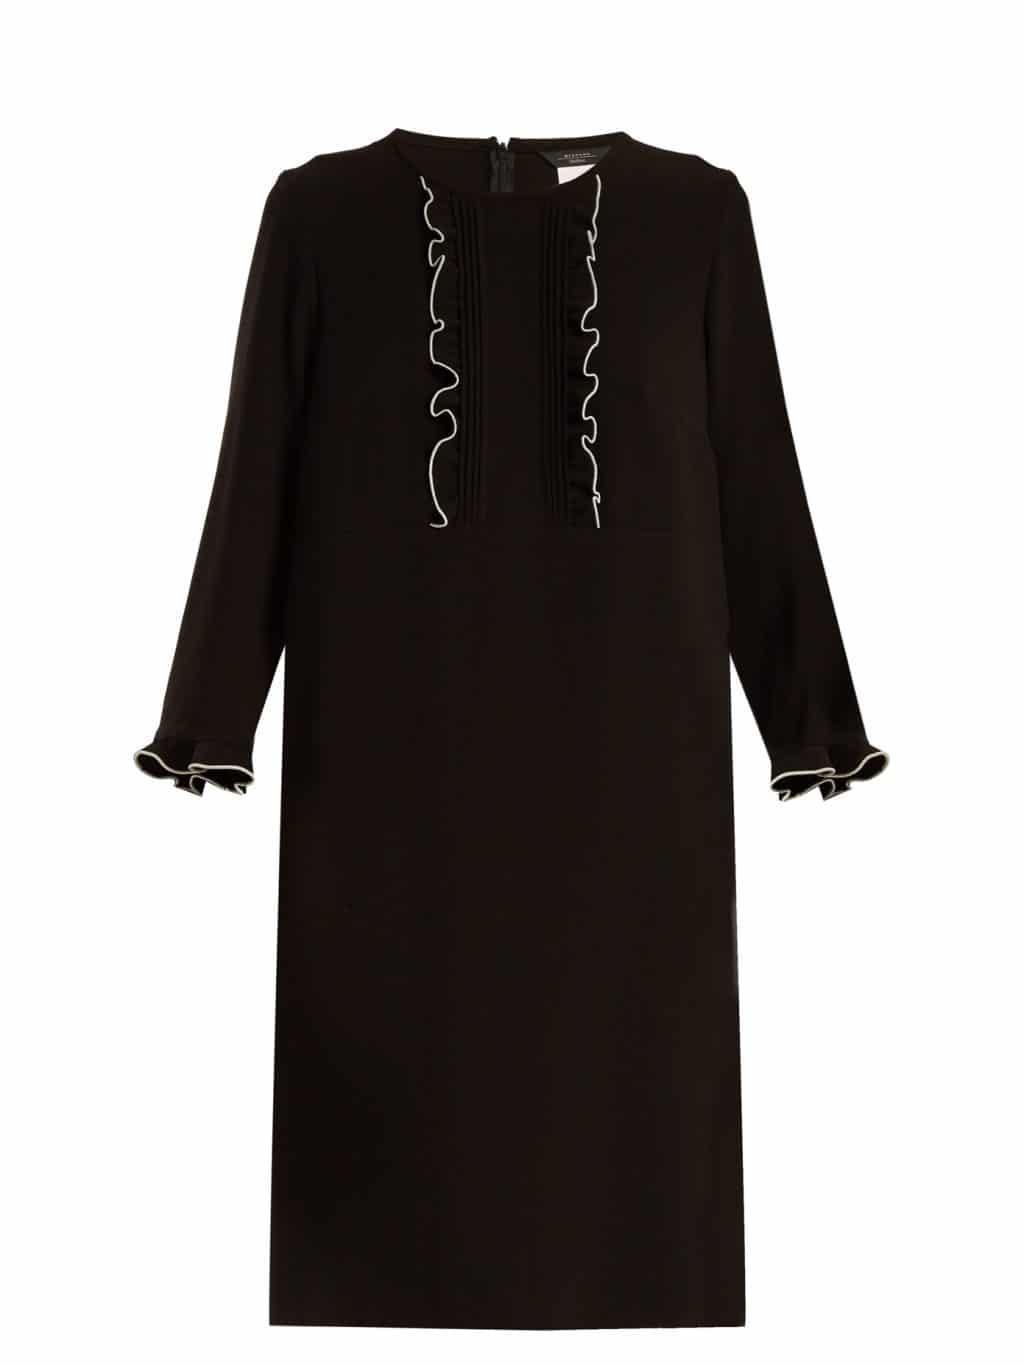 WEEKEND MAX MARA Knut Black Dress